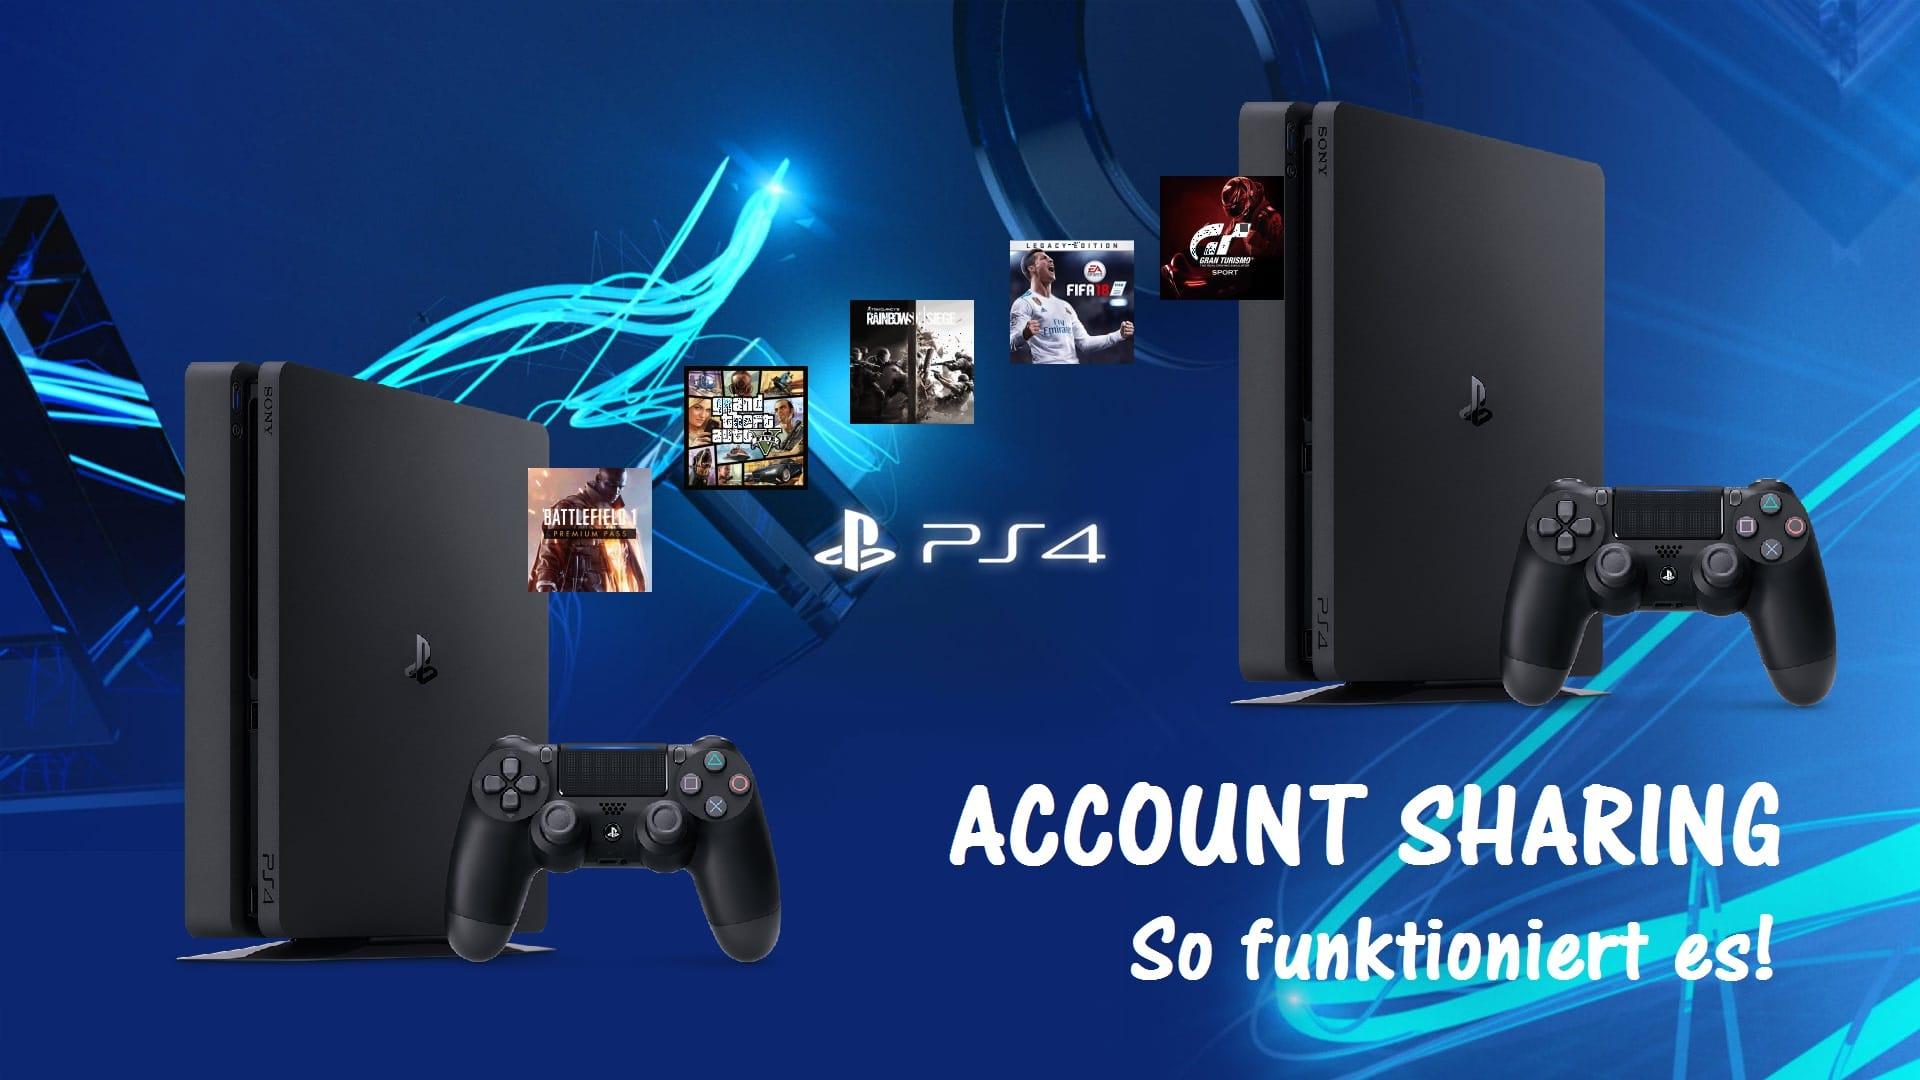 PS4 Account Sharing - So nutzt man ein Spiel auf zwei